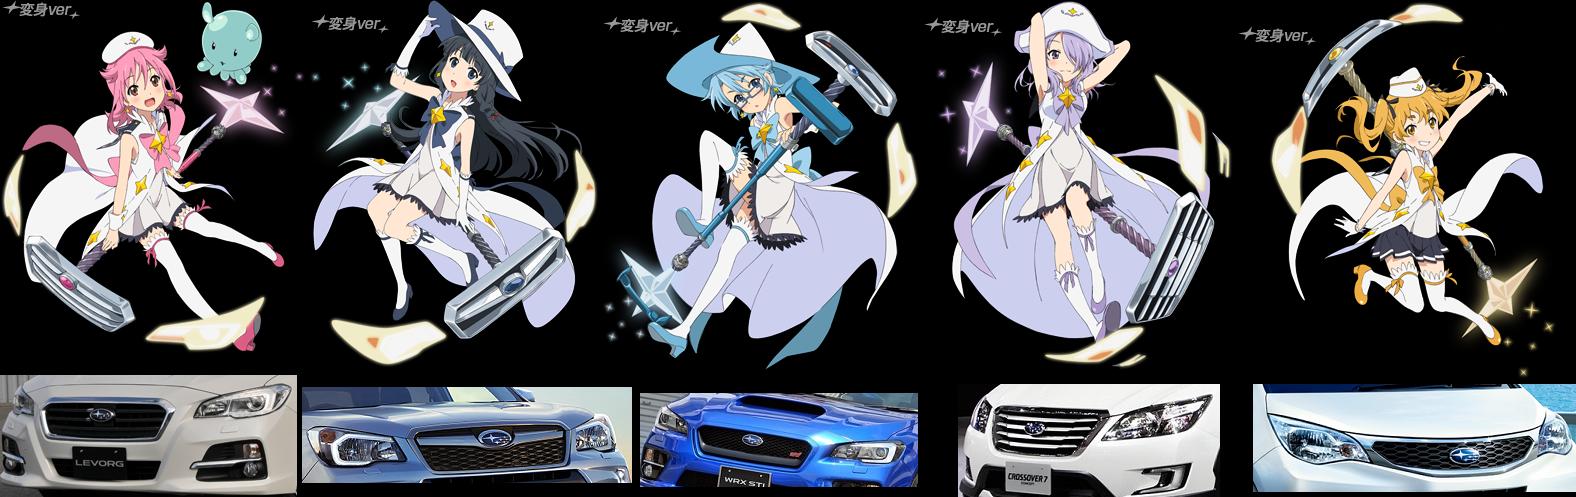 Subaru Anime Anime Manga Know Your Meme